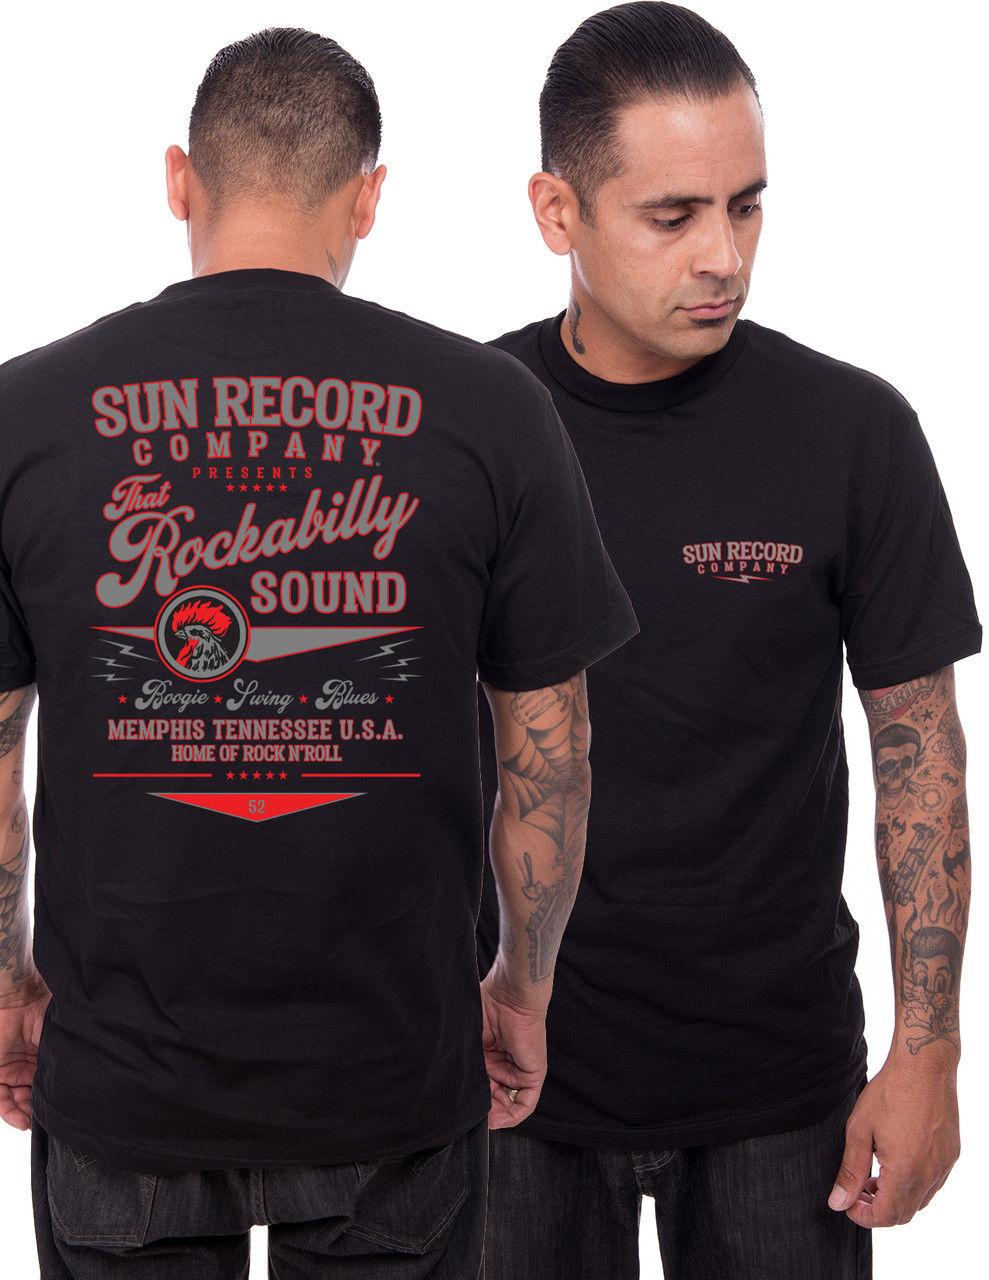 ¡Novedad de 2019! Camiseta con estampado de marca de moda para hombre, Camiseta deportiva Rockabilly Sound